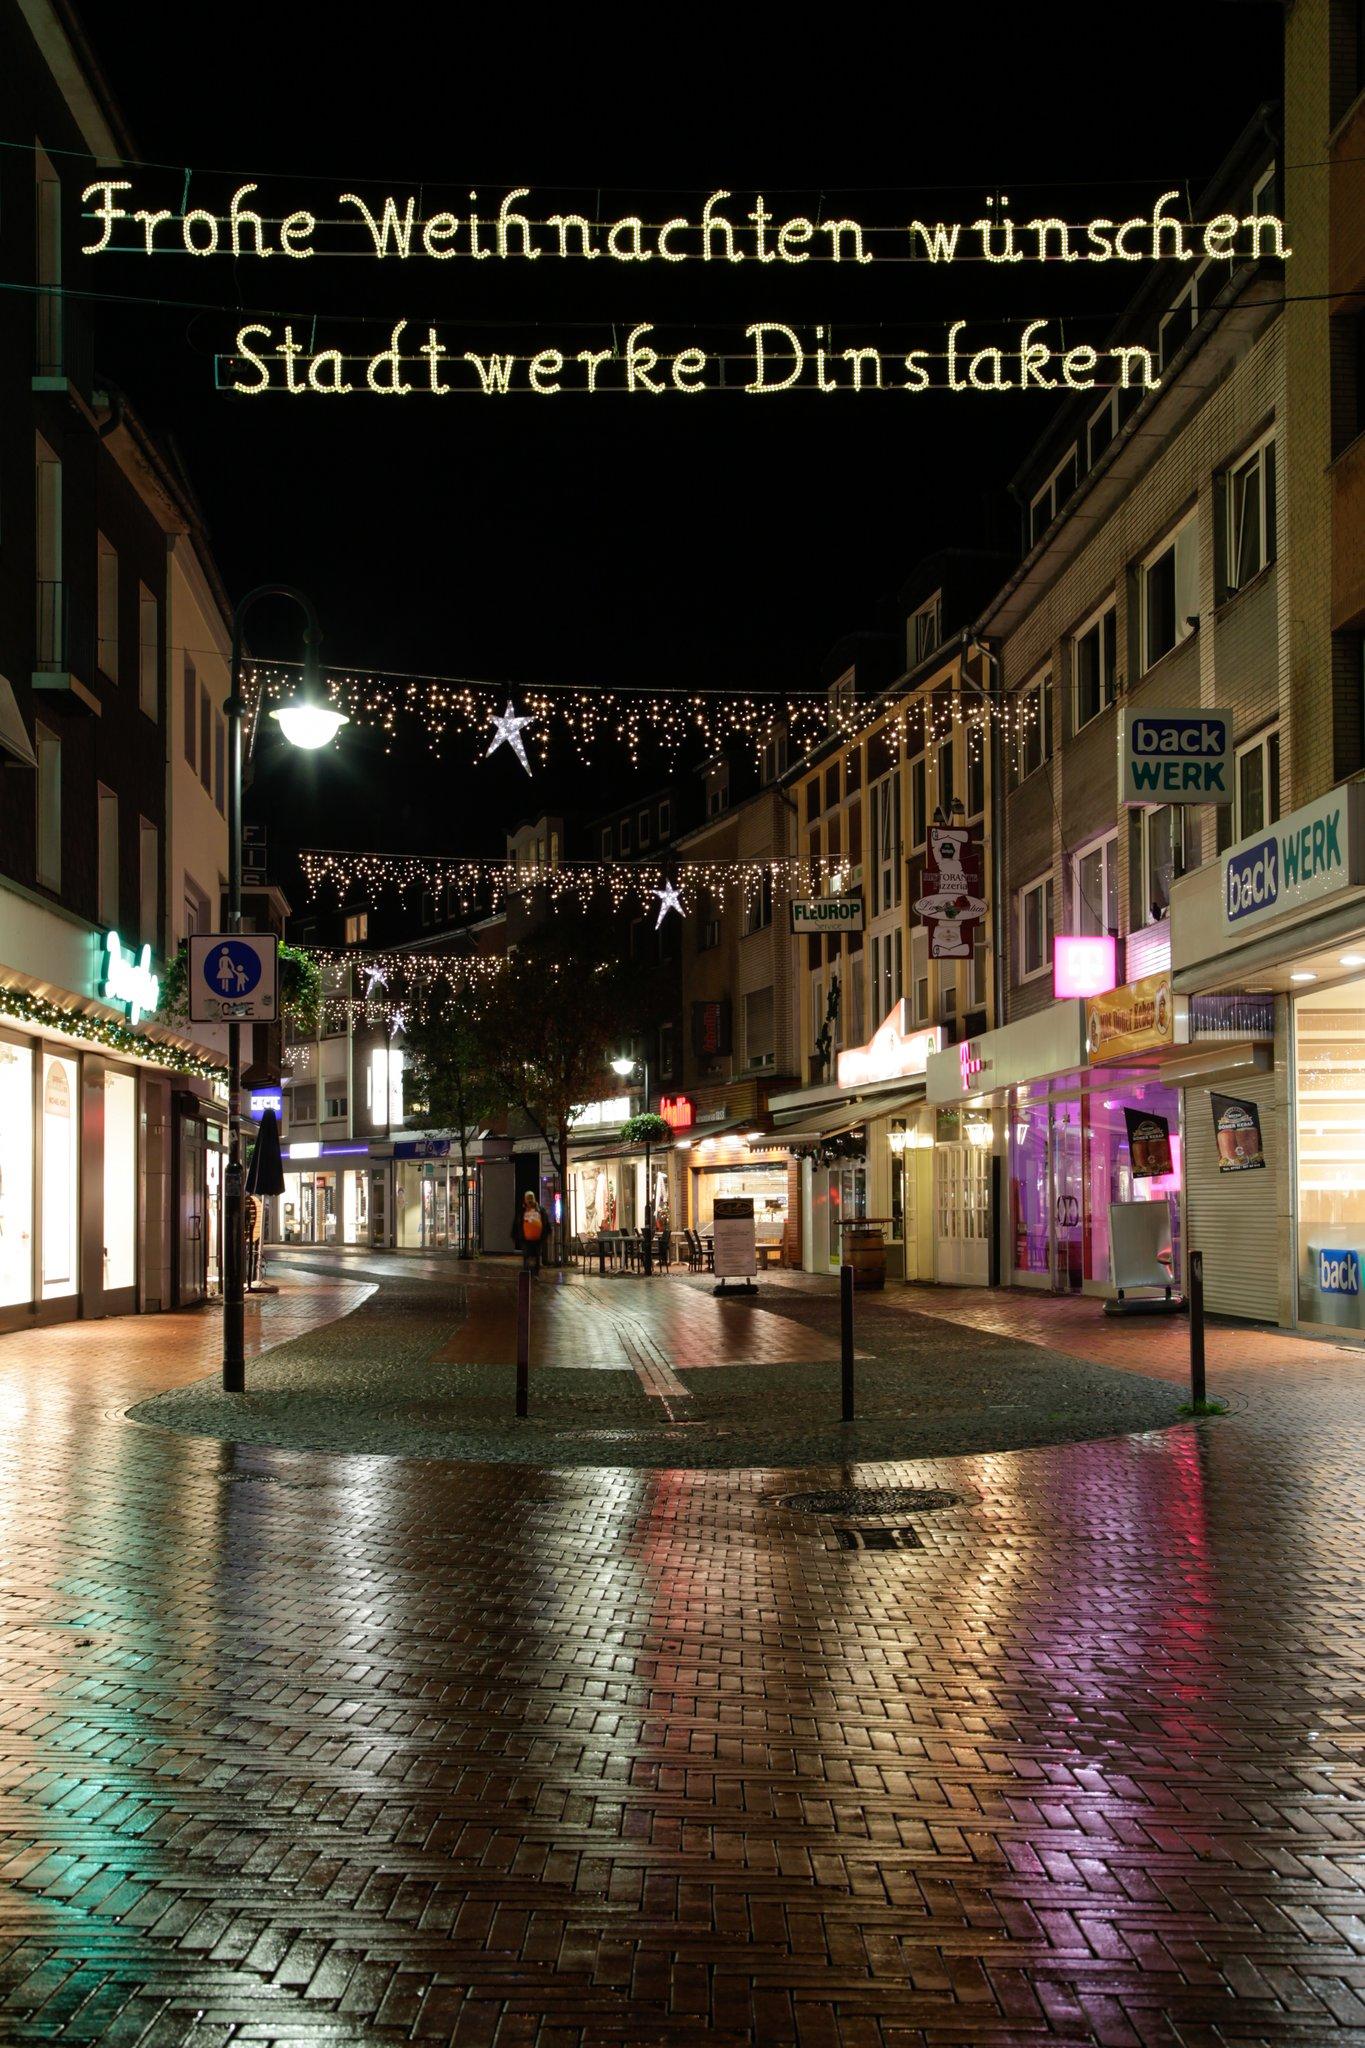 Weihnachten Am 6 Januar.Oh Du Fröhliche Mit Dem Beginn Des Weihnachtsmarktes Beginnt